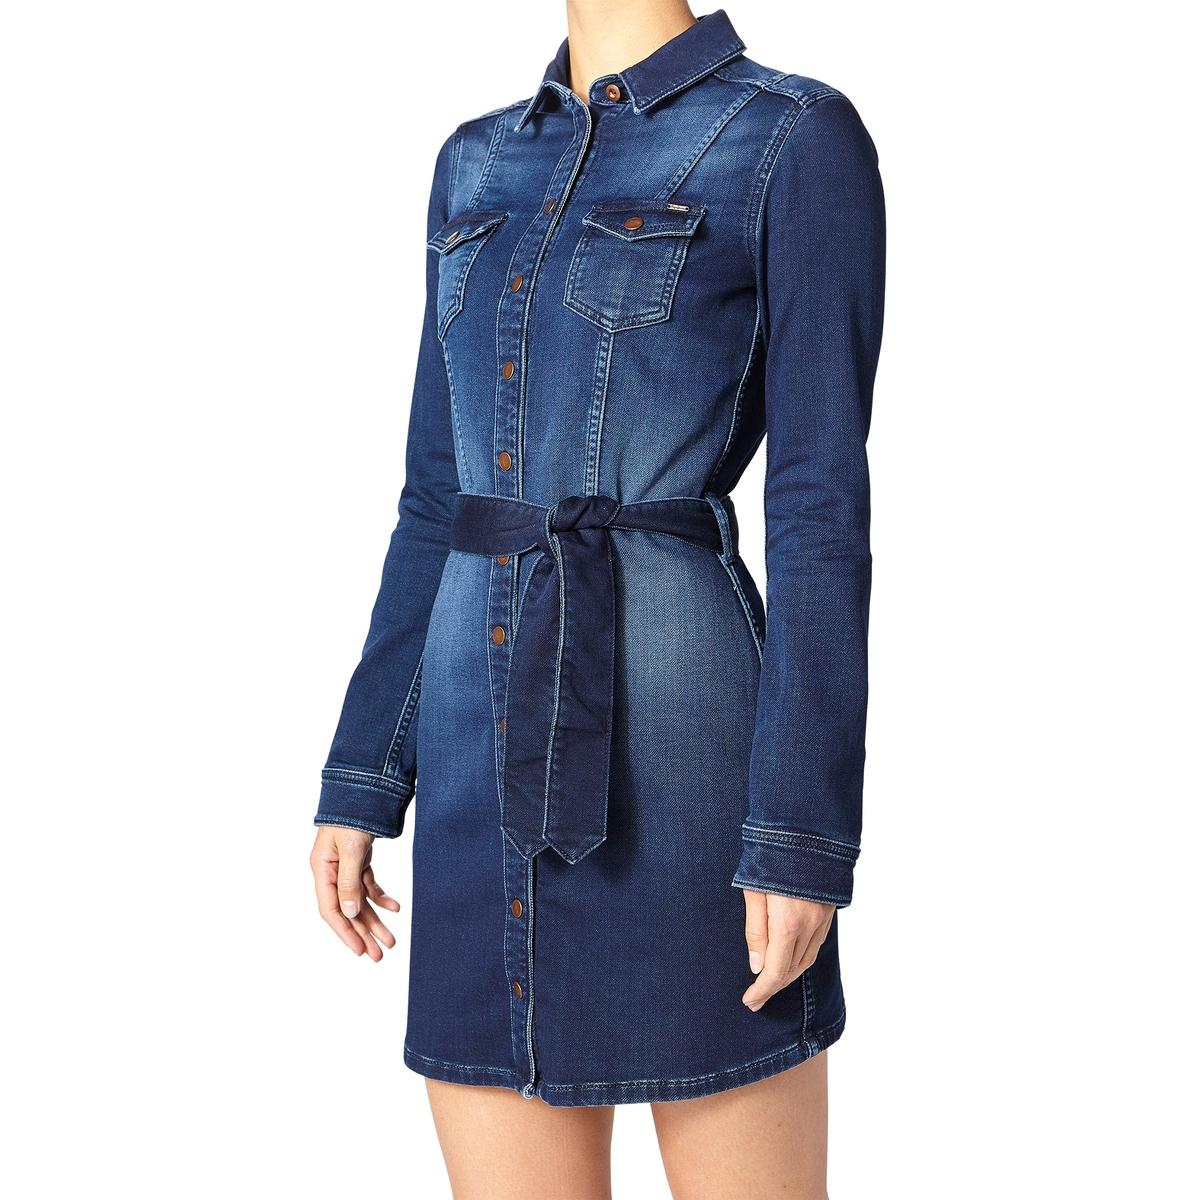 Платье короткое с длинными рукавамиДетали •  Форма : прямая  •  Короткое  •  Длинные рукава     •  Воротник-поло, рубашечный Состав и уход •  98% хлопка, 2% полиамида •  Следуйте советам по уходу, указанным на этикетке<br><br>Цвет: синий потертый<br>Размер: XL.S